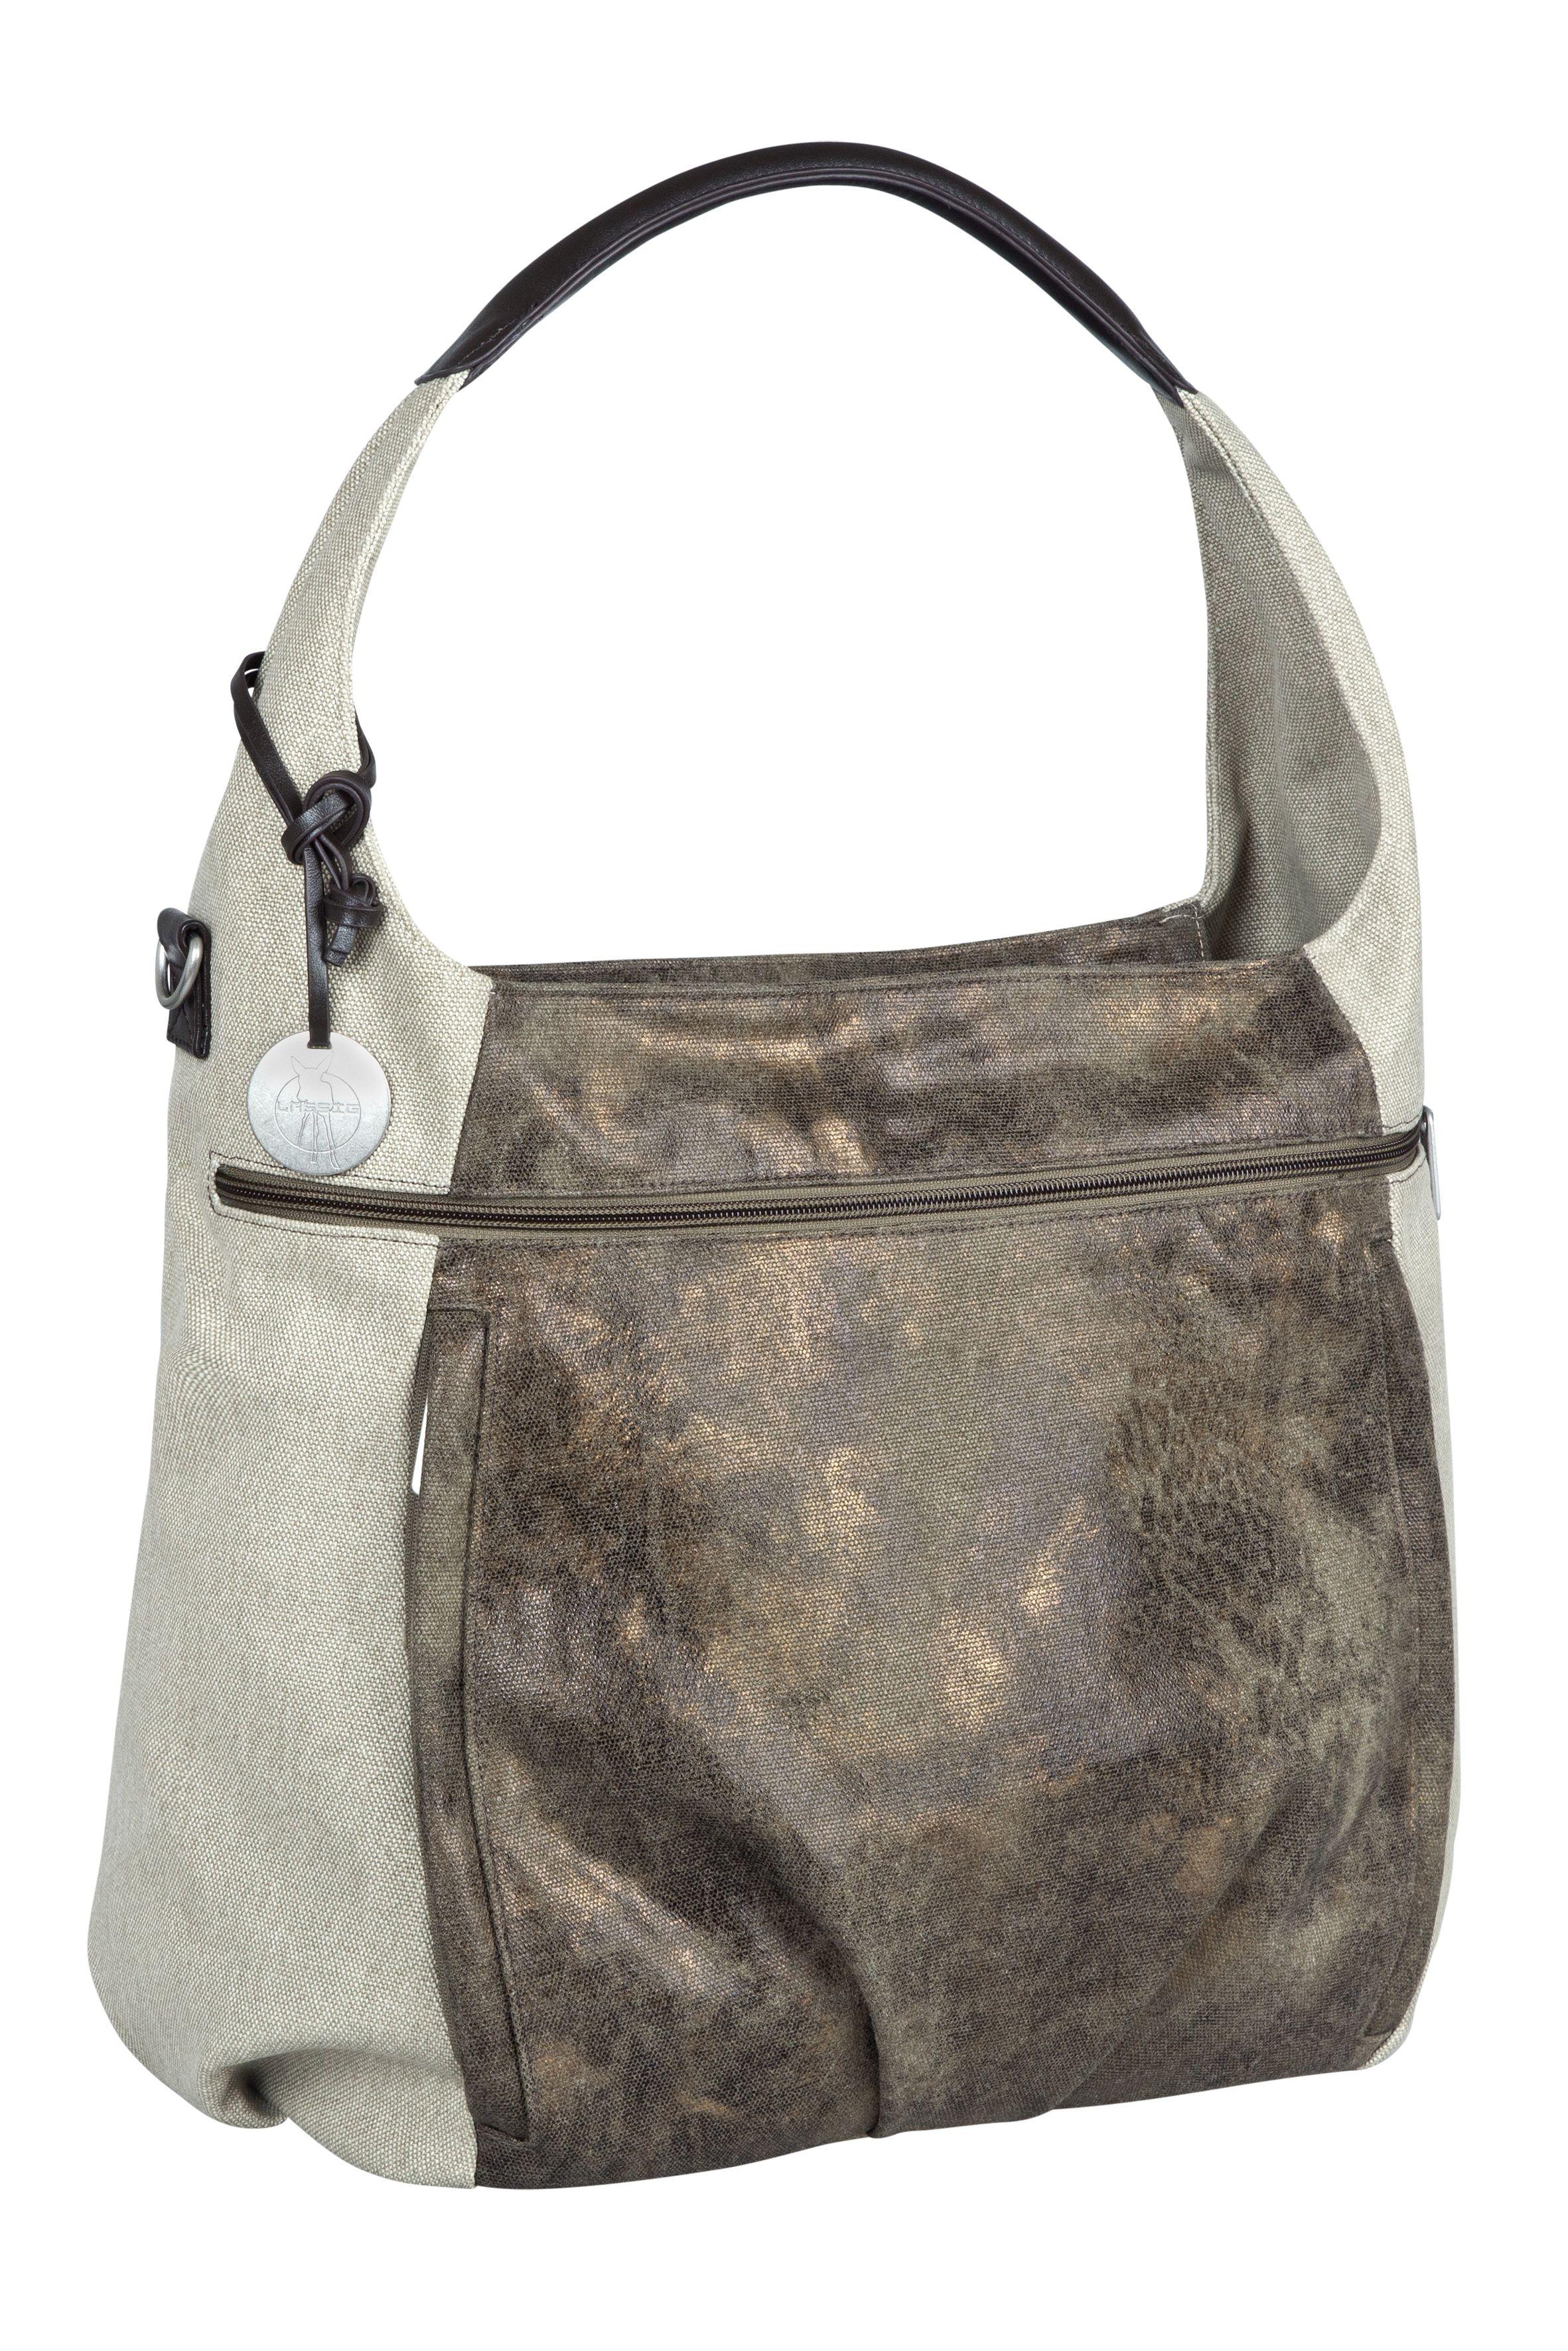 Styisch und hoch funktional - die Casual Hobo Bag von LÄSSIG in Olive-Beige  #Style #Design #Praktisch #Funktional #Wickelzeit #Wickeltasche